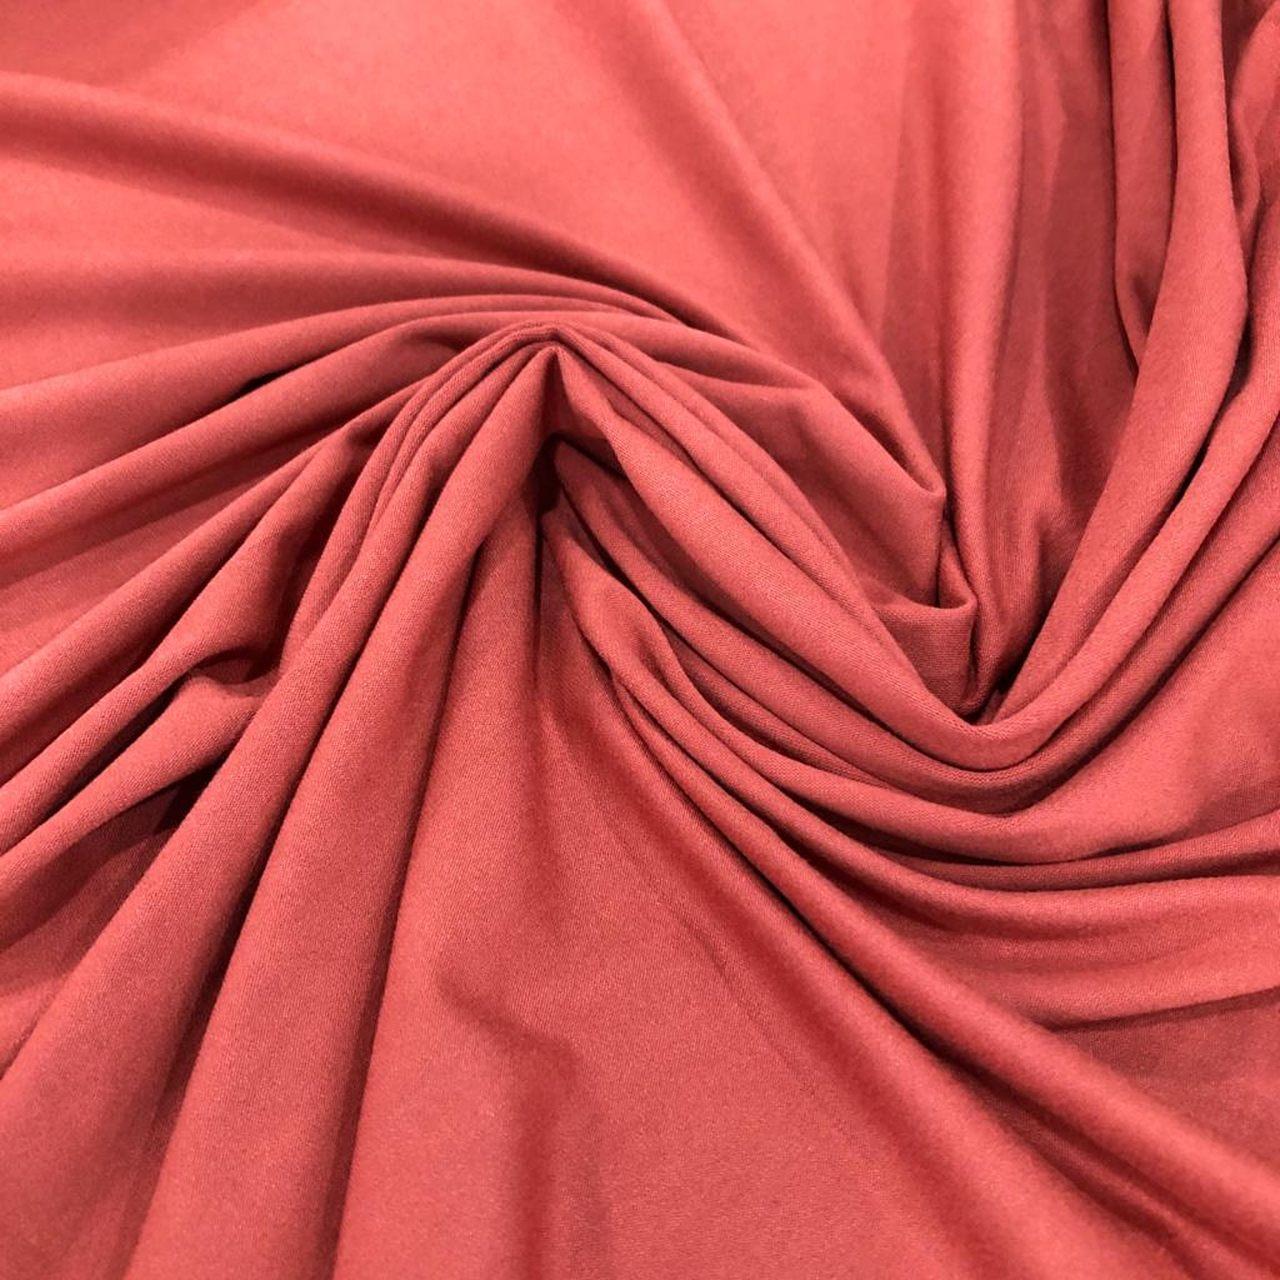 Tecido Malha Viscolycra  92%Viscose 8%Elastano Terracota